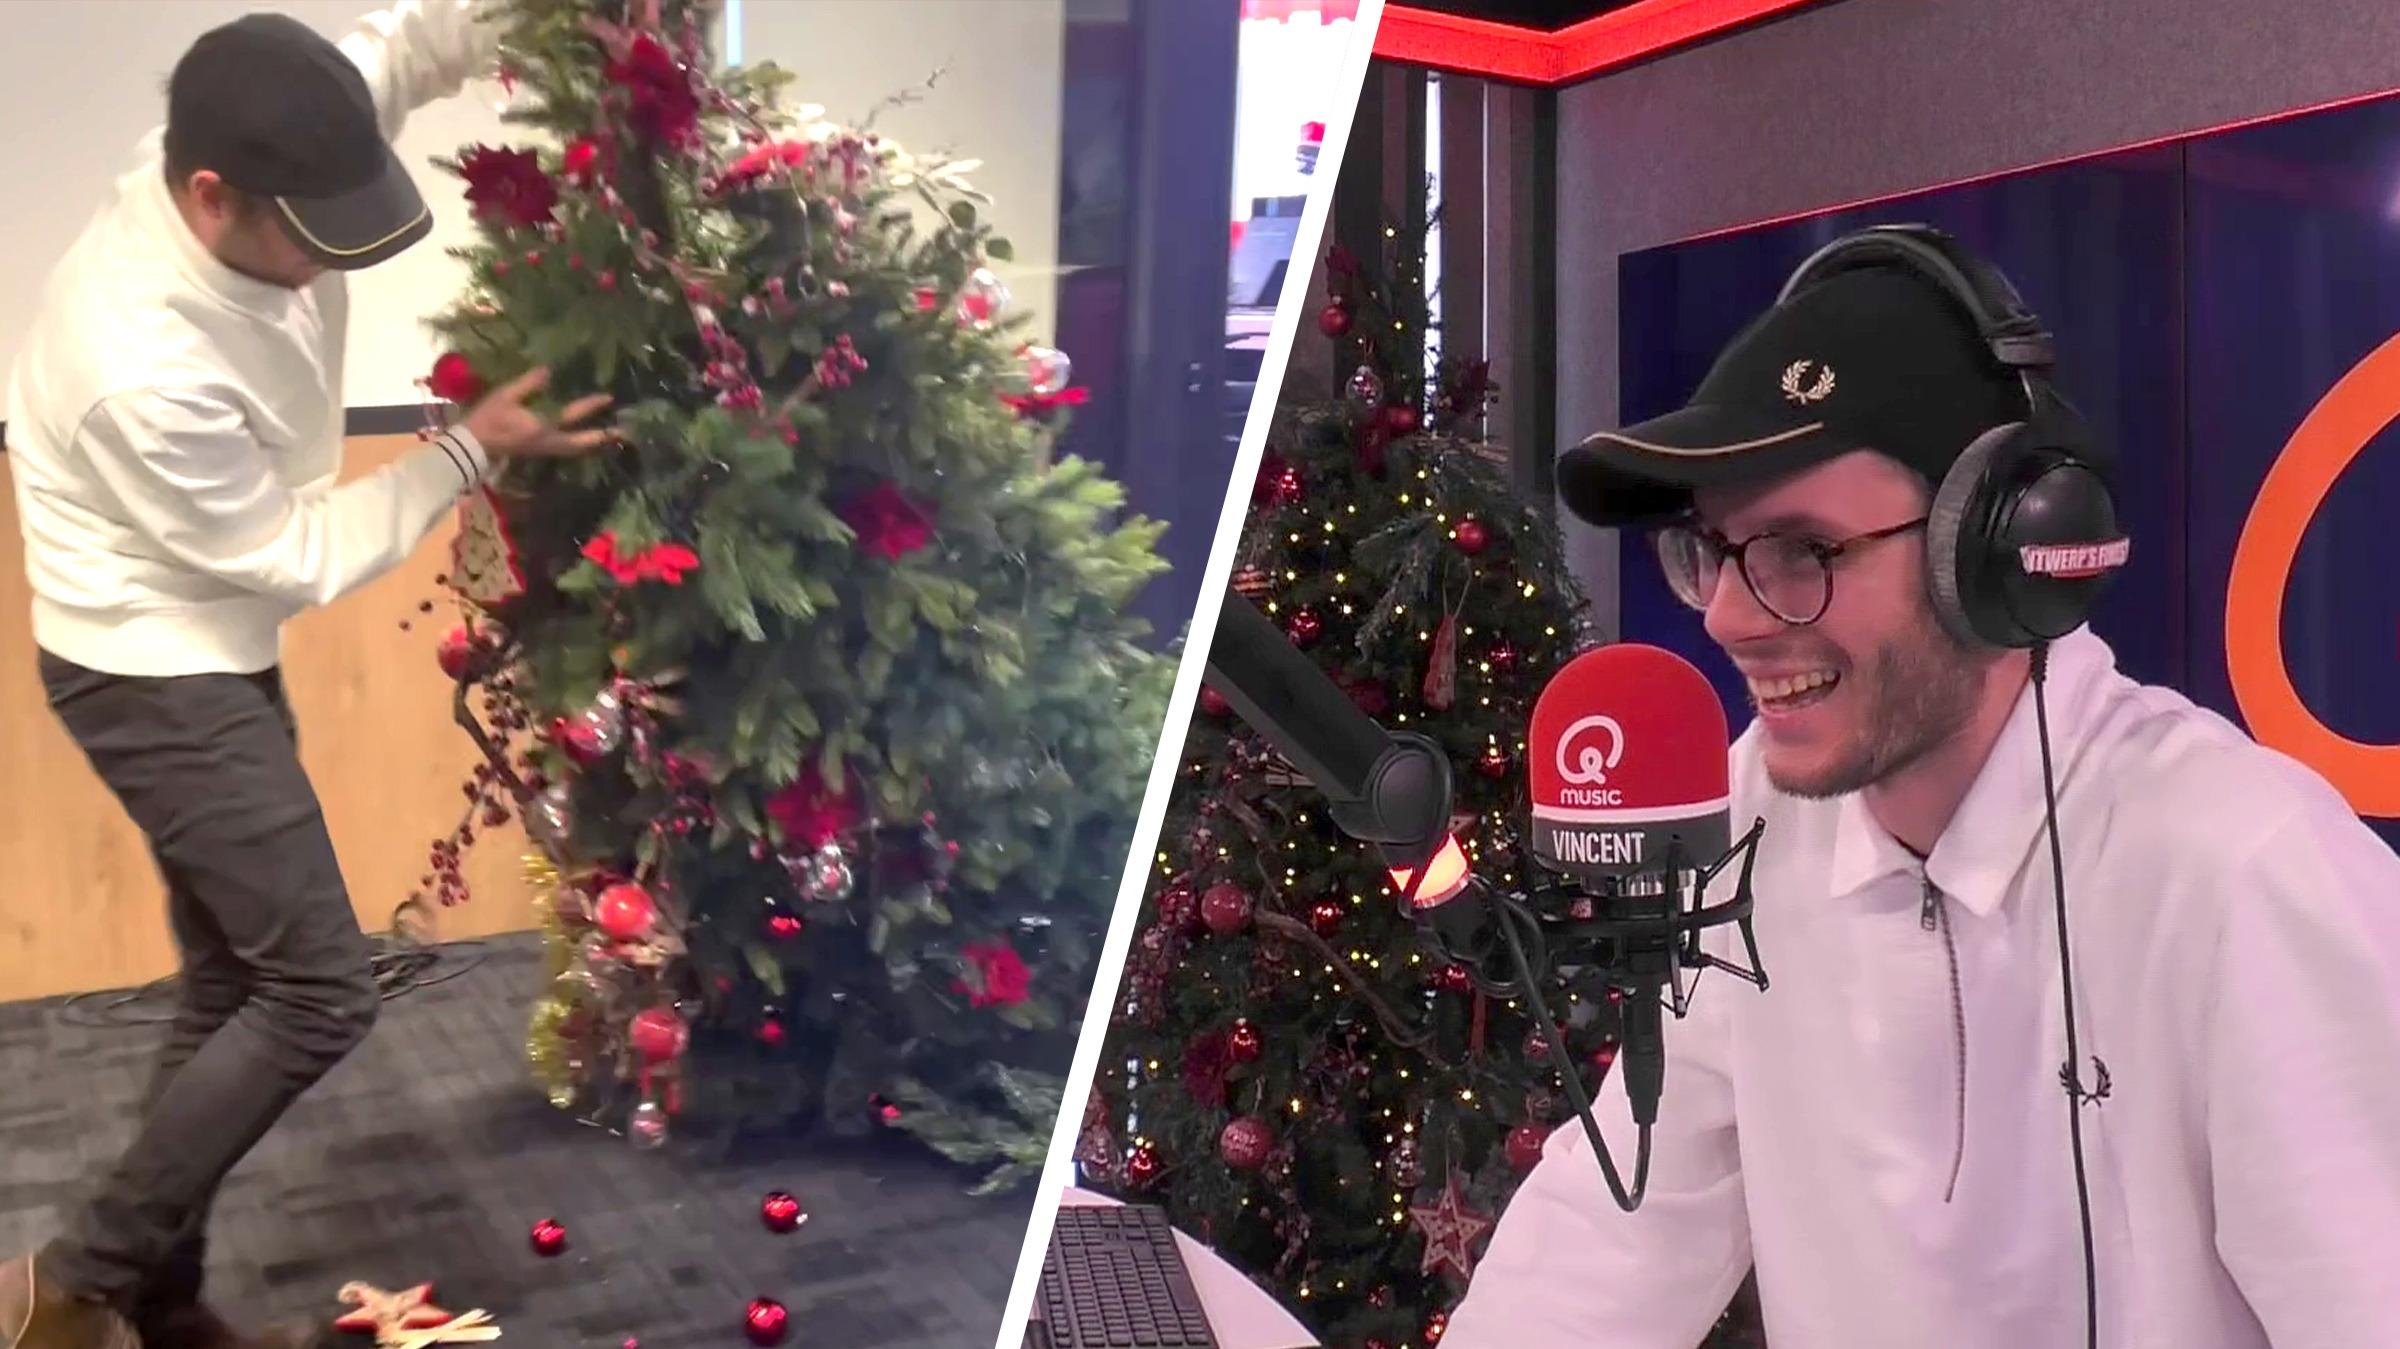 Vincent knettert kerstboom buiten